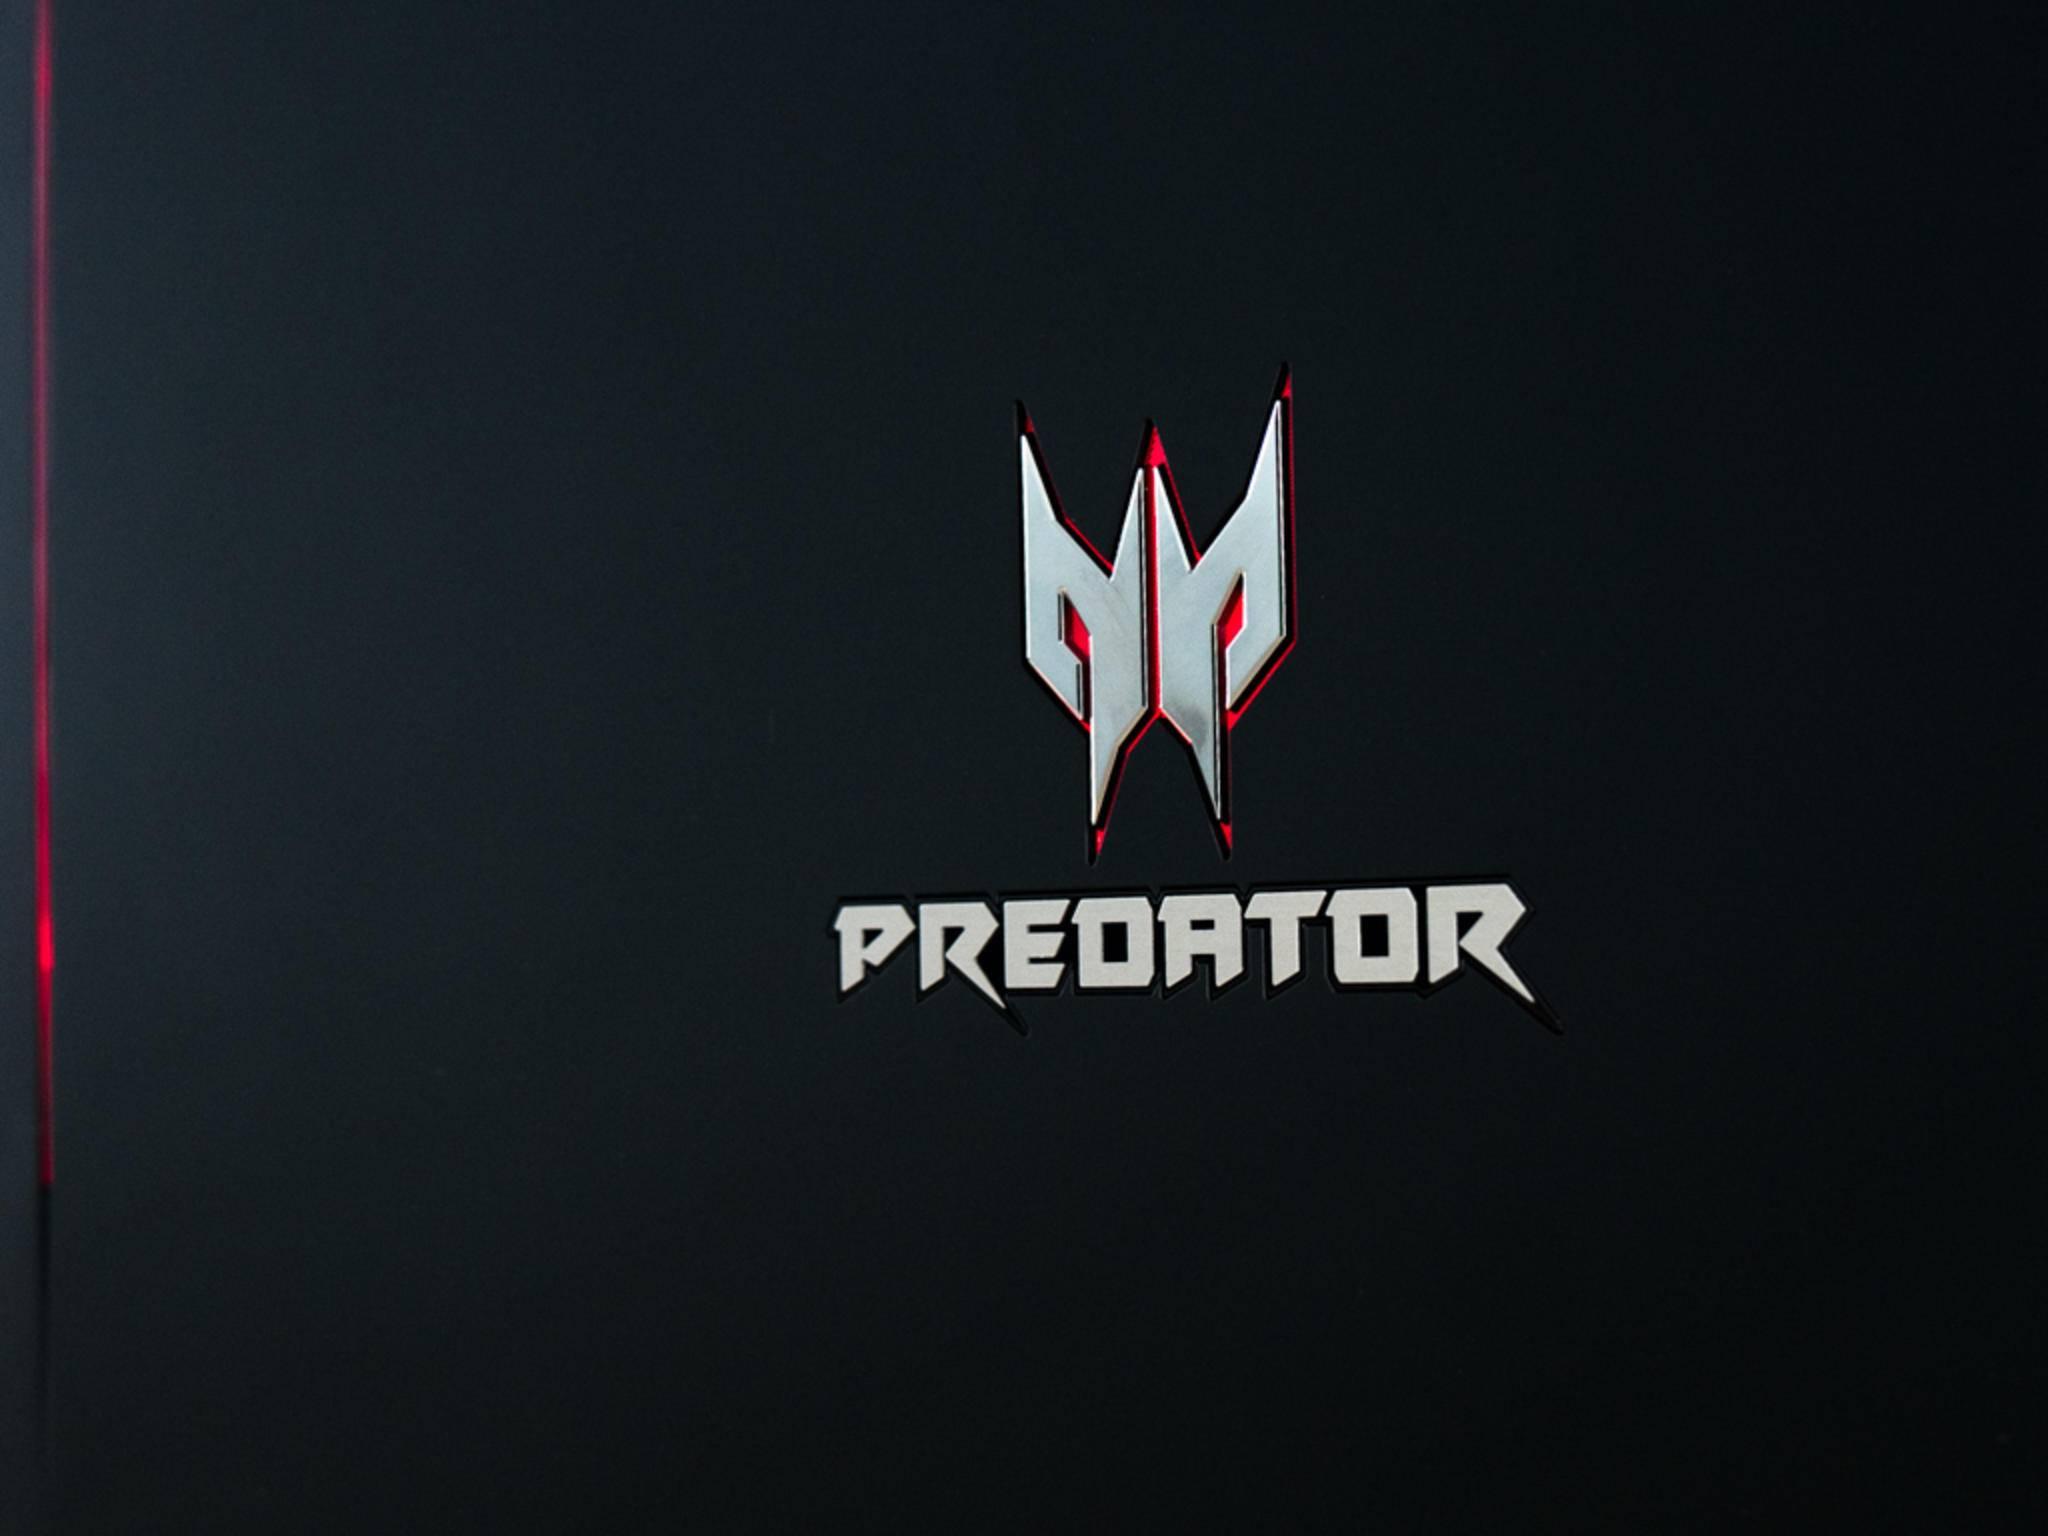 Das Predator-Logo auf der Rückseite ist beleuchtet.